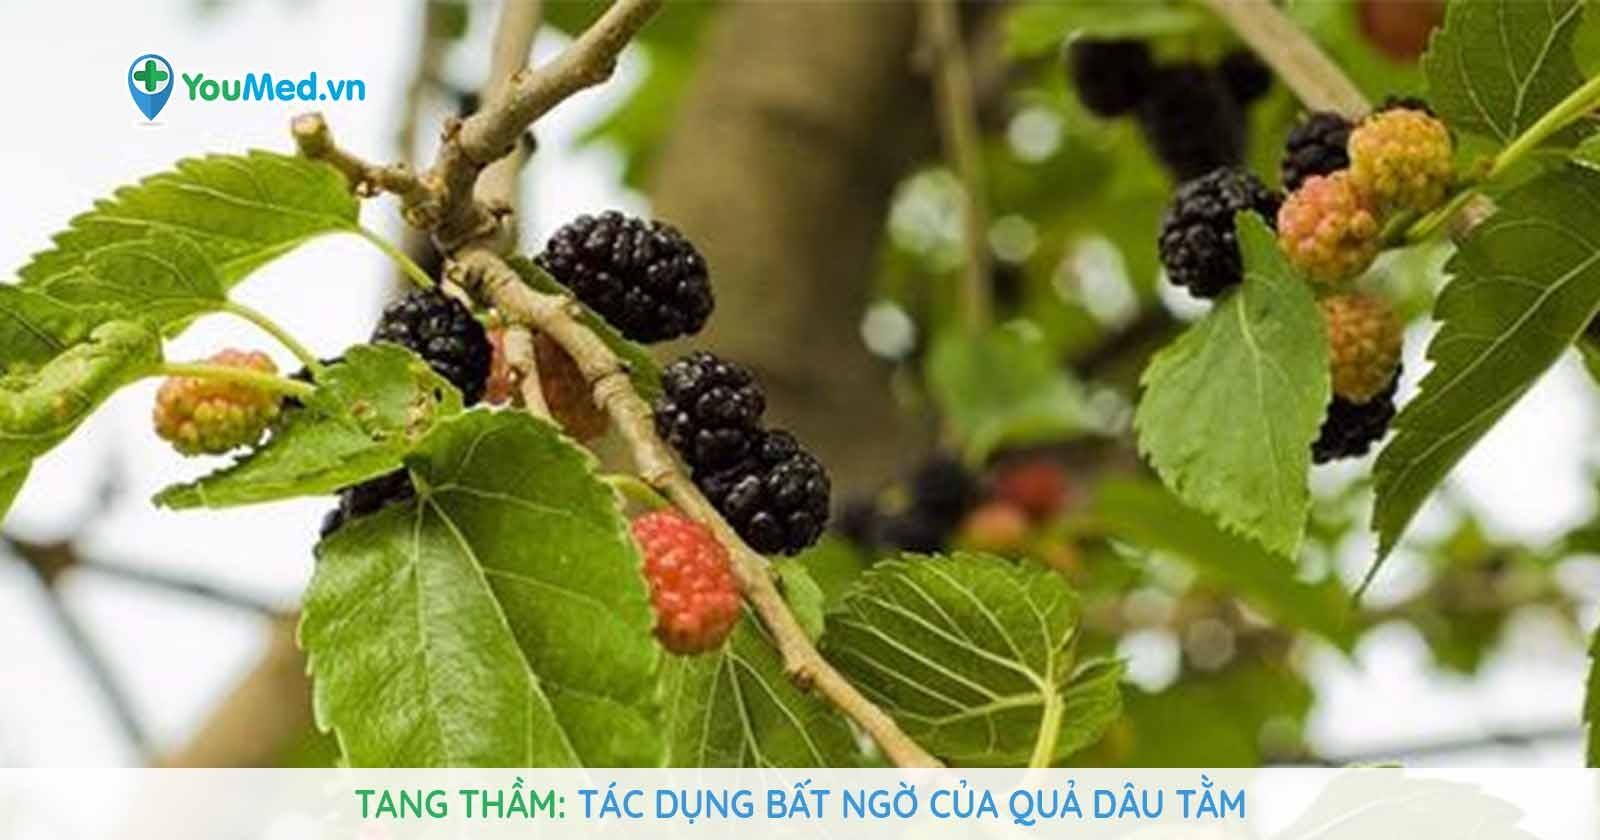 Tang thầm: Tác dụng bất ngờ của quả Dâu tằm